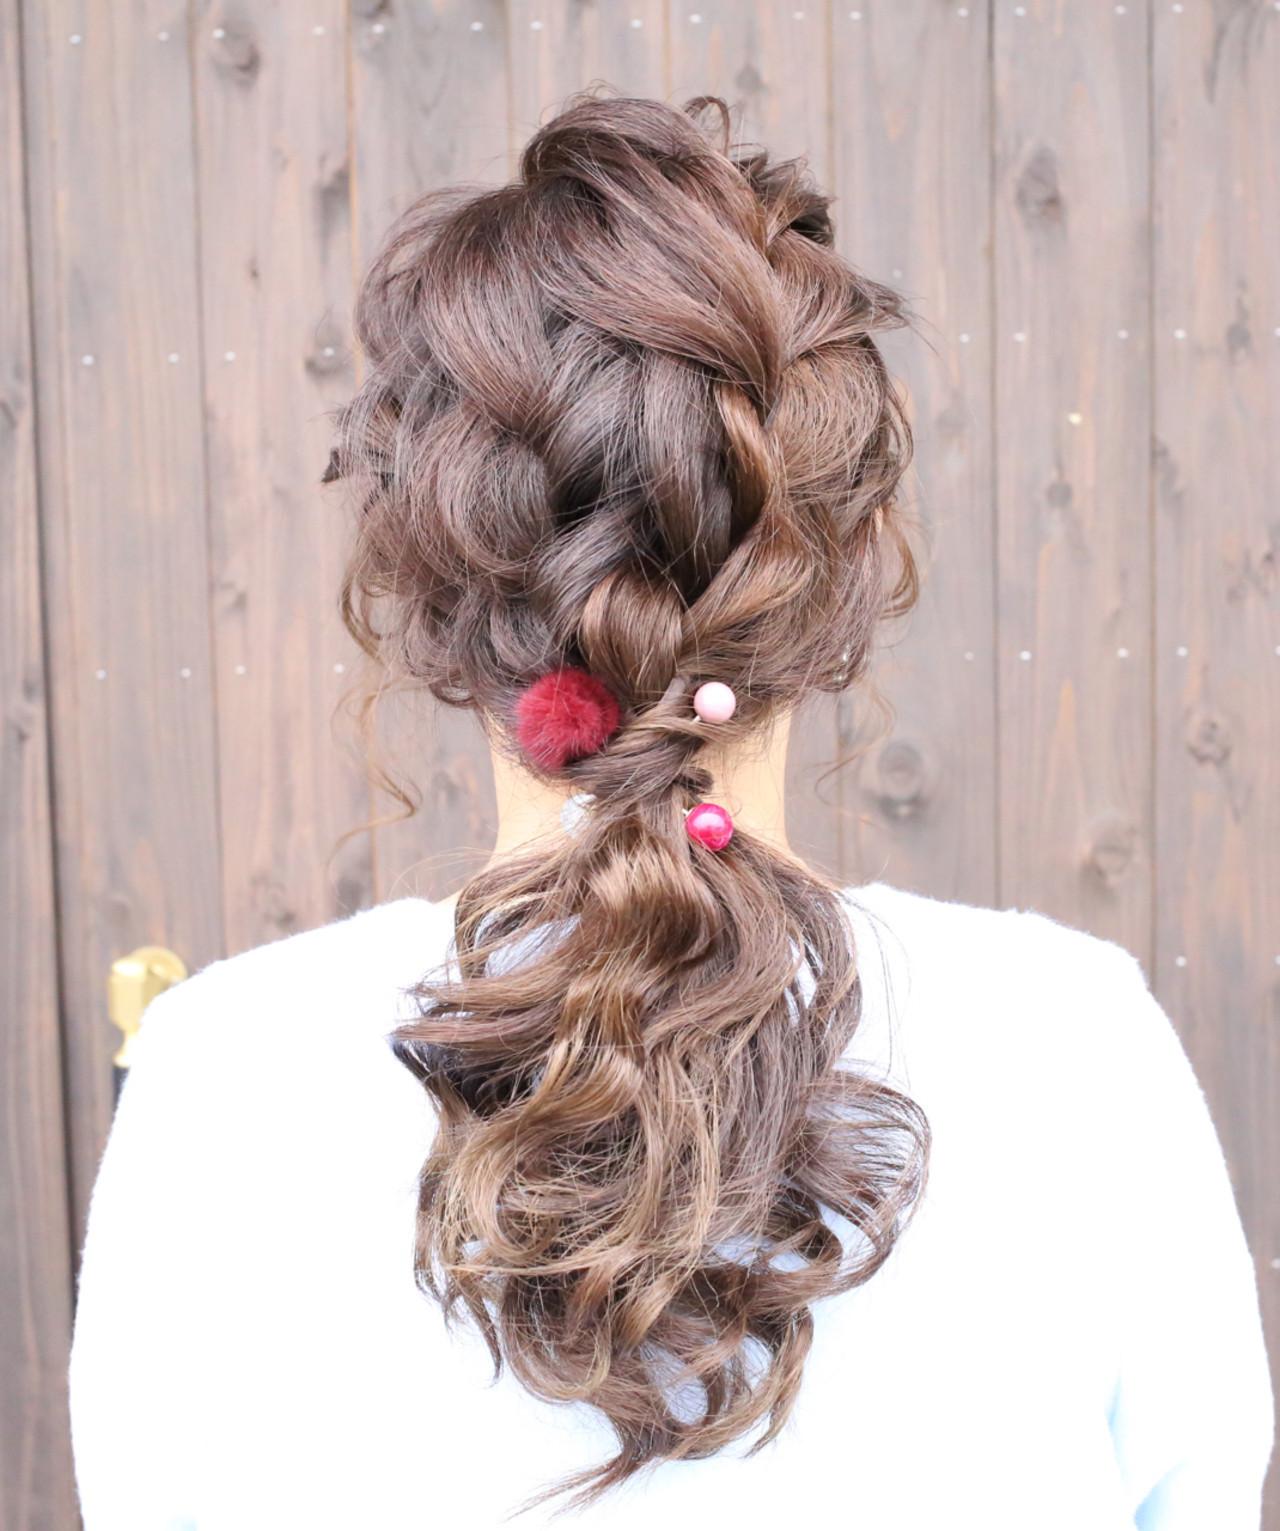 ザクザク編み込んだ質感がアクセントのポニー 宝蔵 幸正 | HairZone